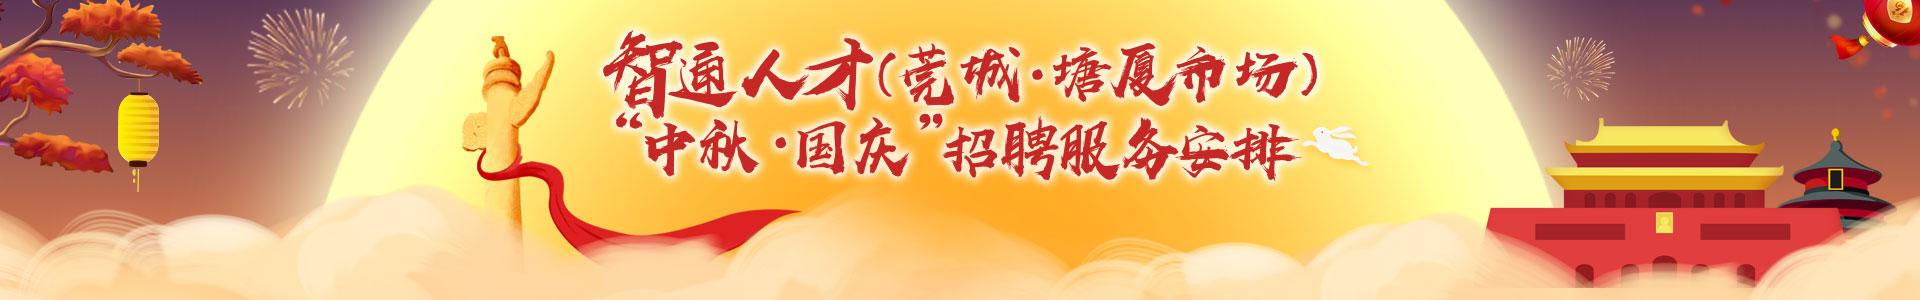 18国庆中秋放假通知